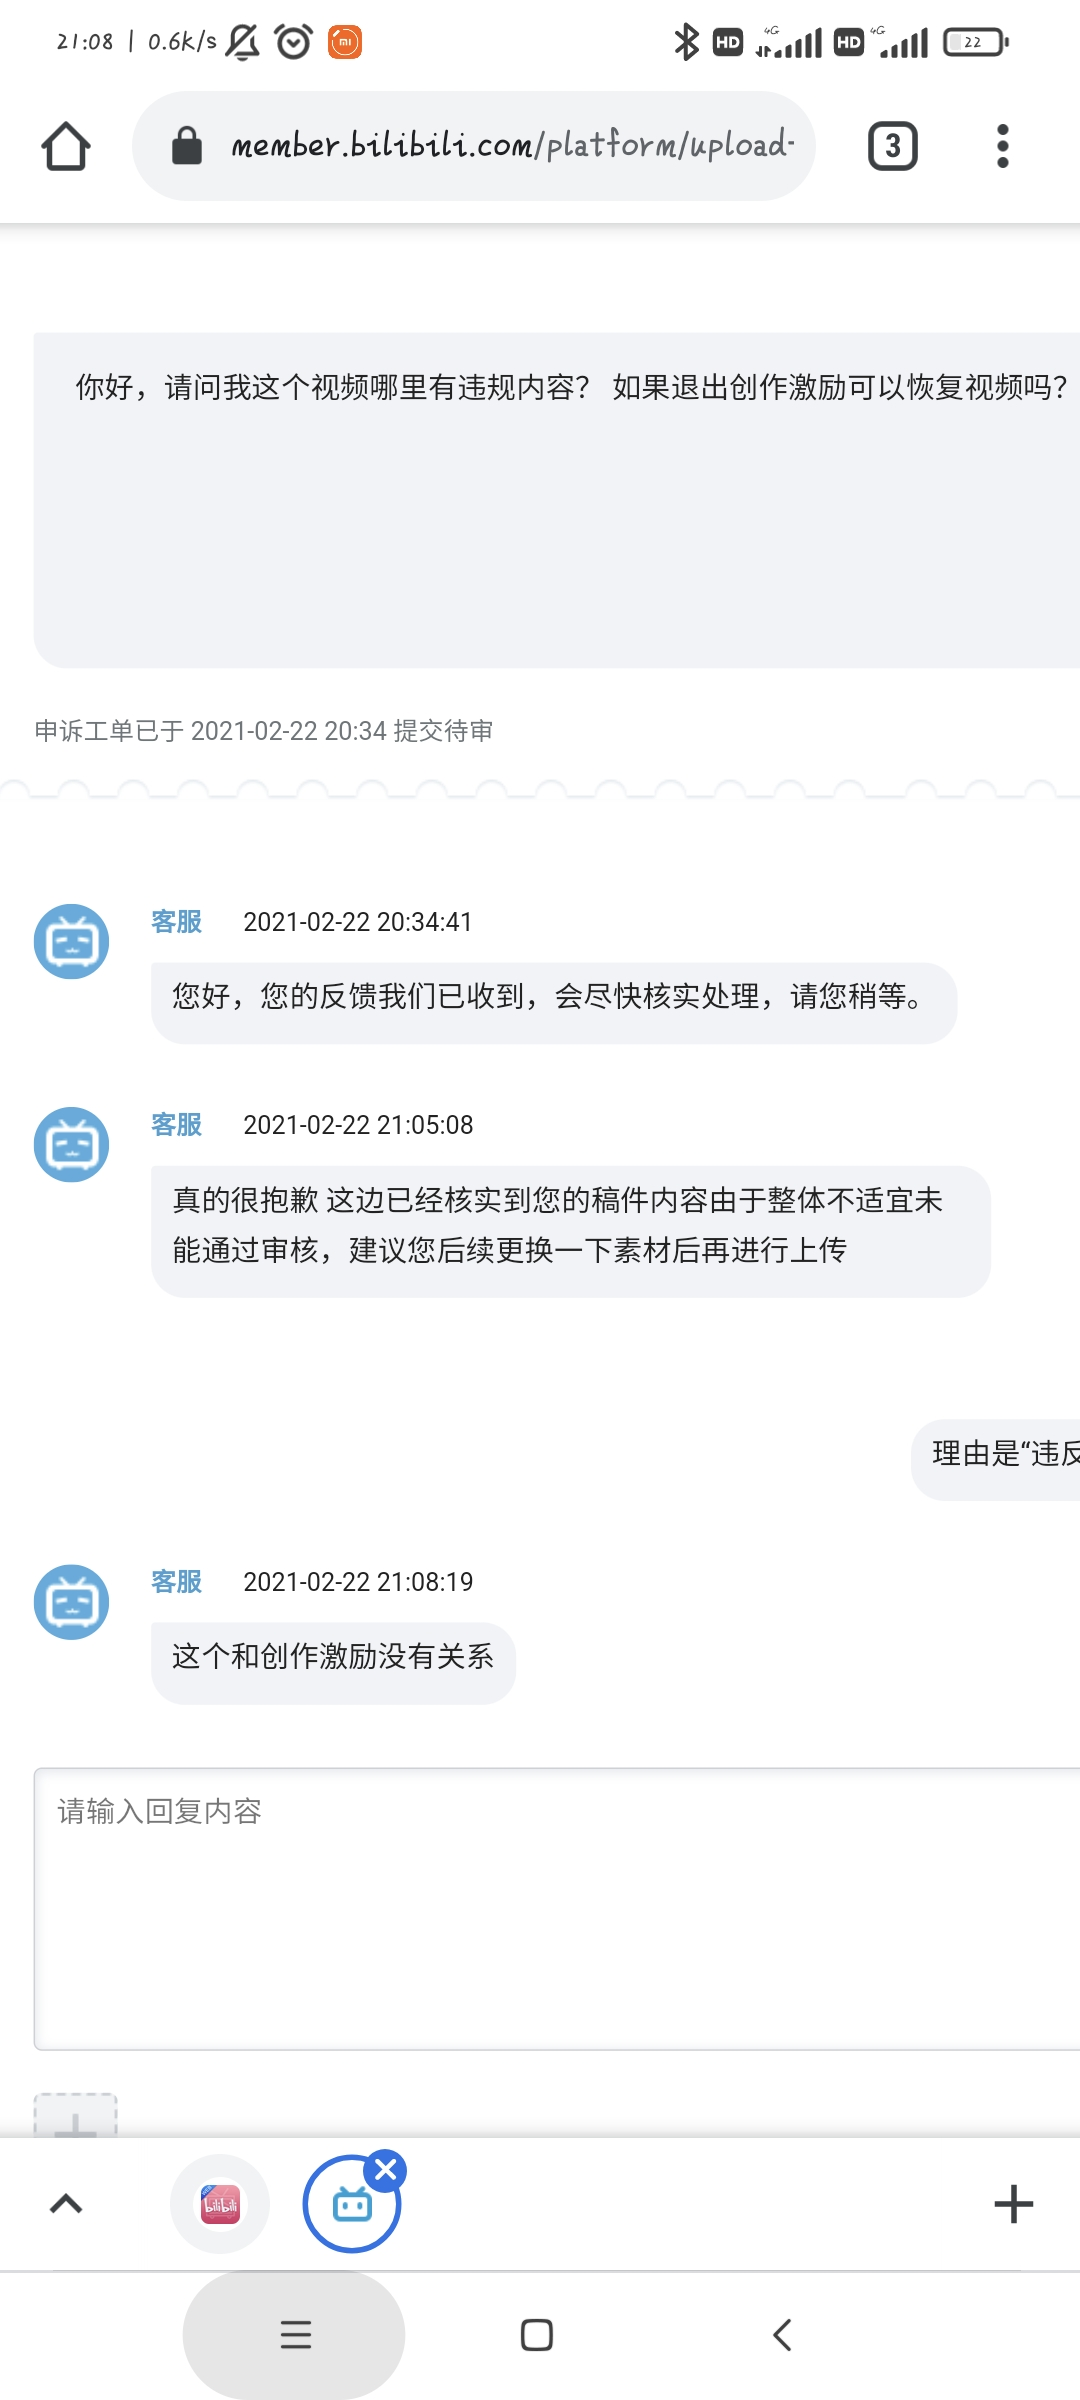 Screenshot_2021-02-22-21-08-49-898_com.android.chrome.jpg